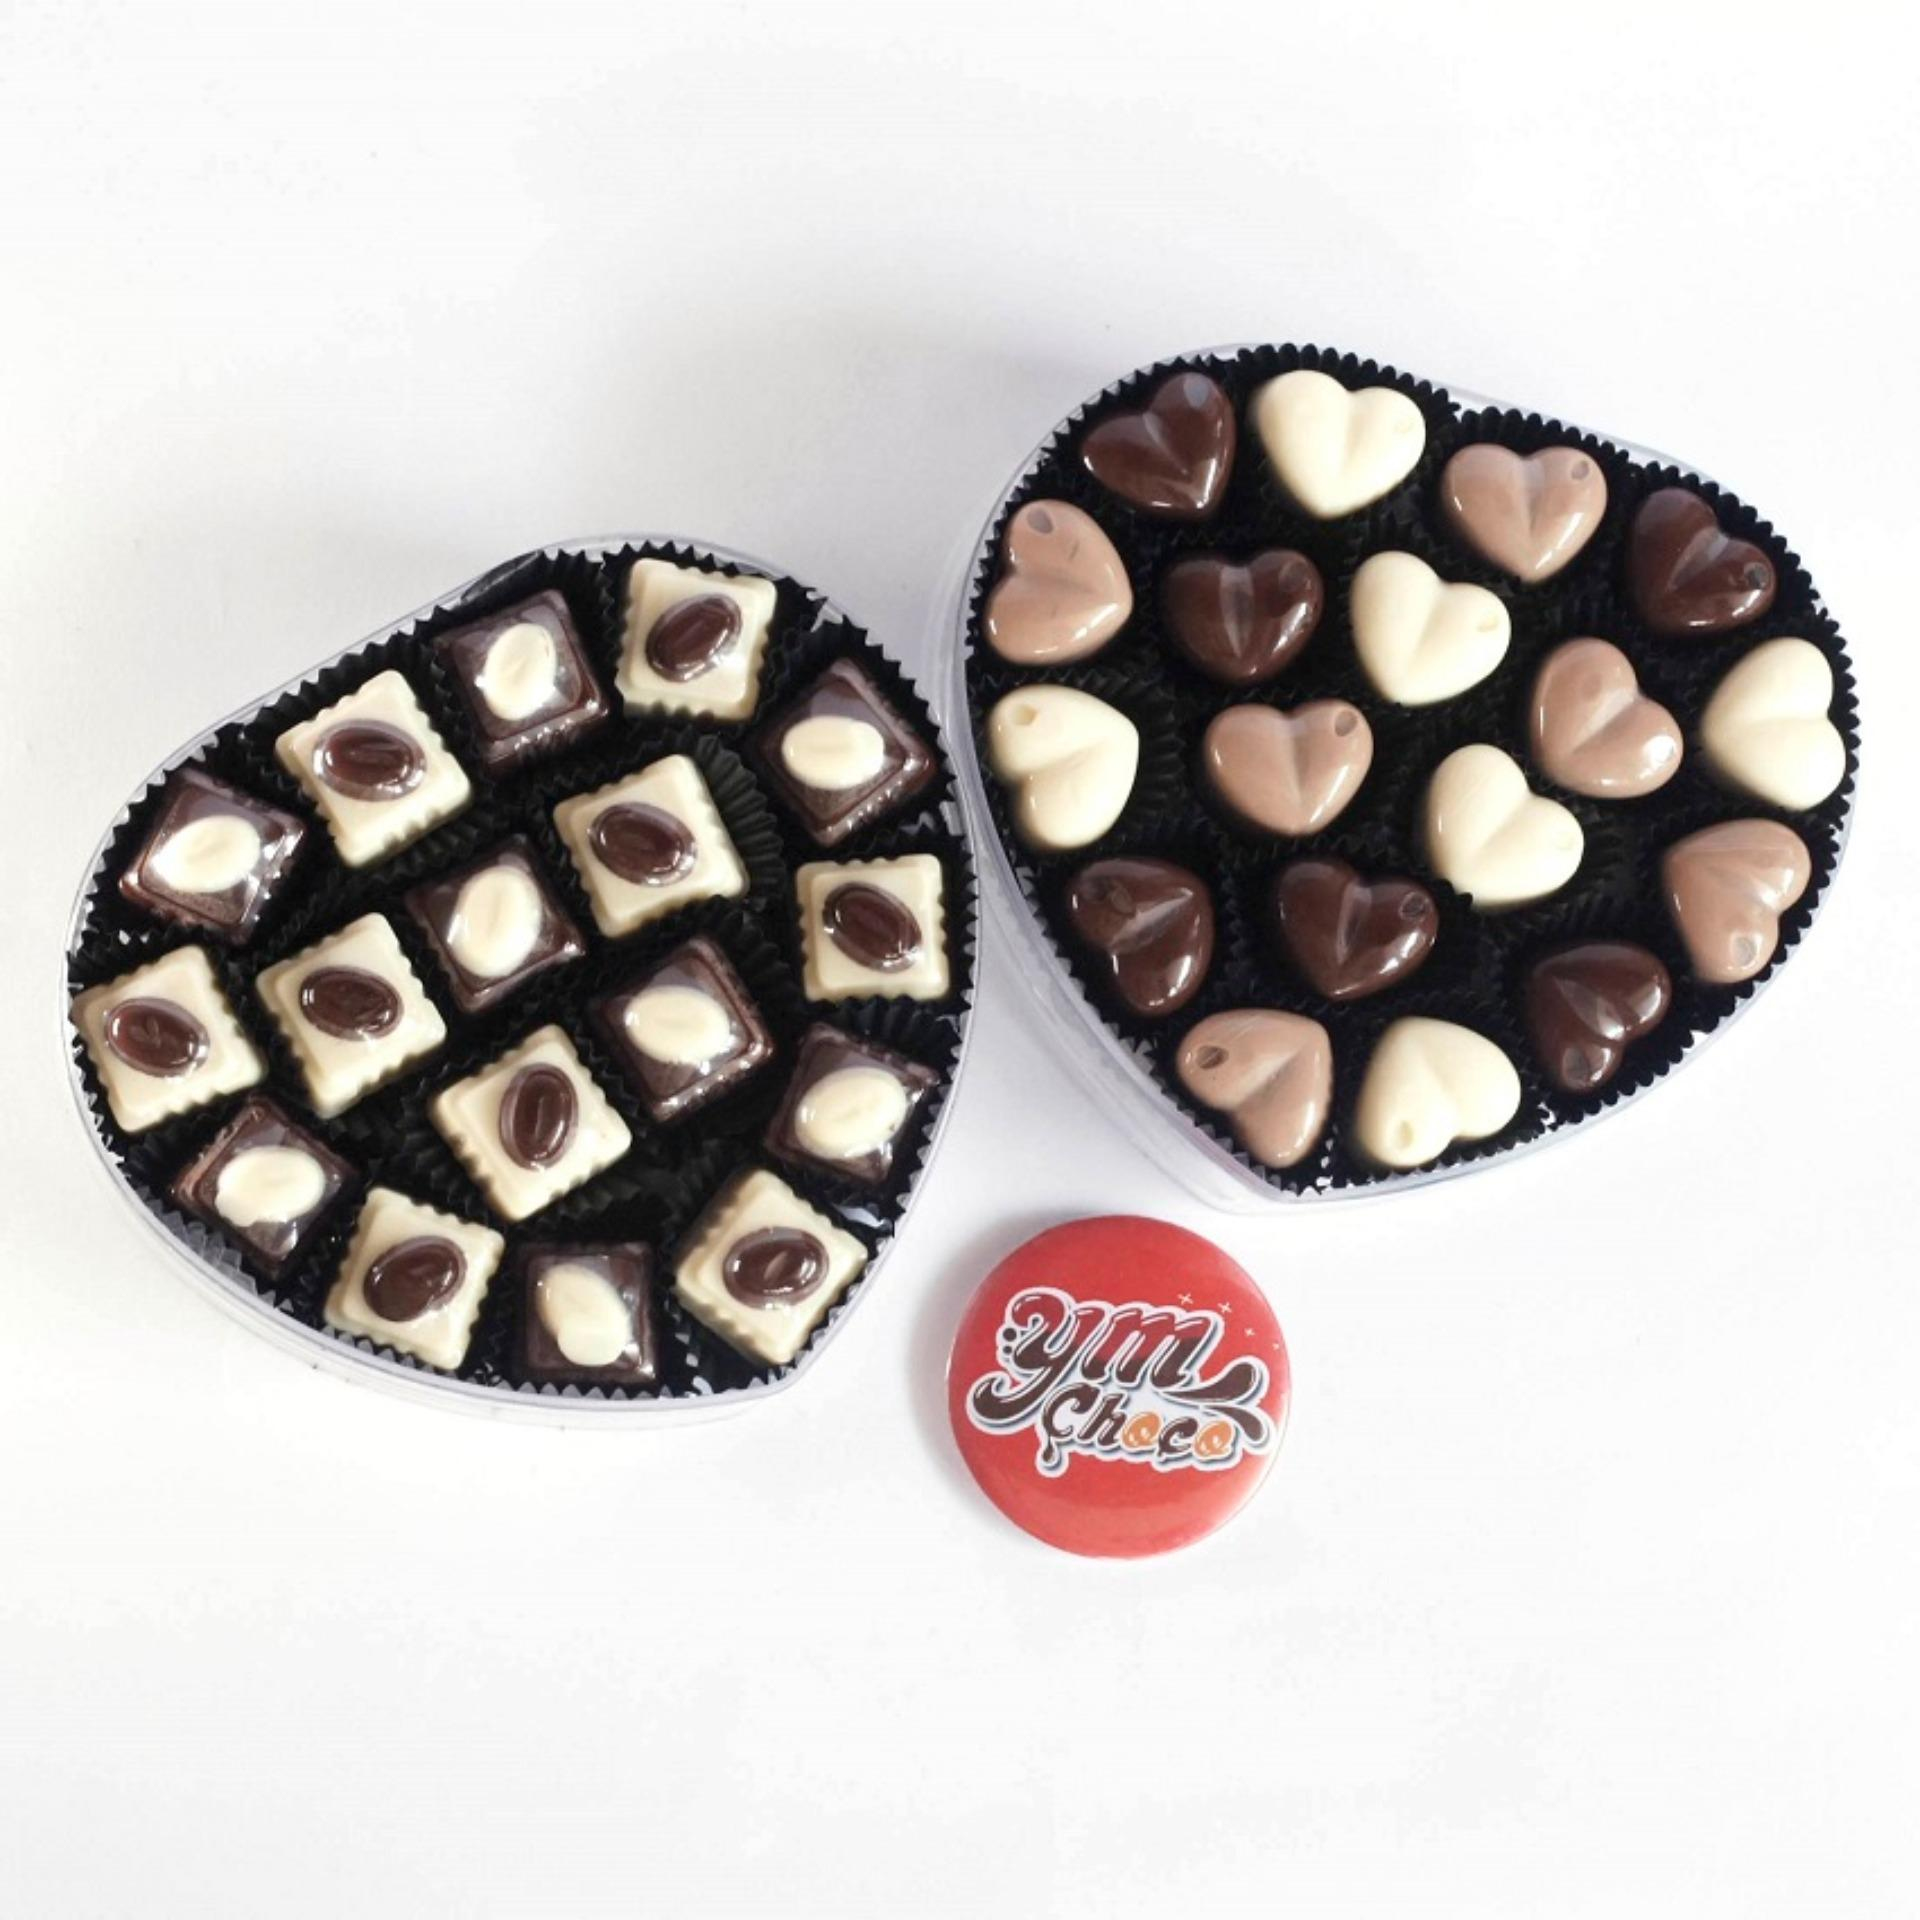 Pencarian Termurah YMFood Coklat Praline Kotak,Coklat Pralne Love harga penawaran - Hanya Rp80.556